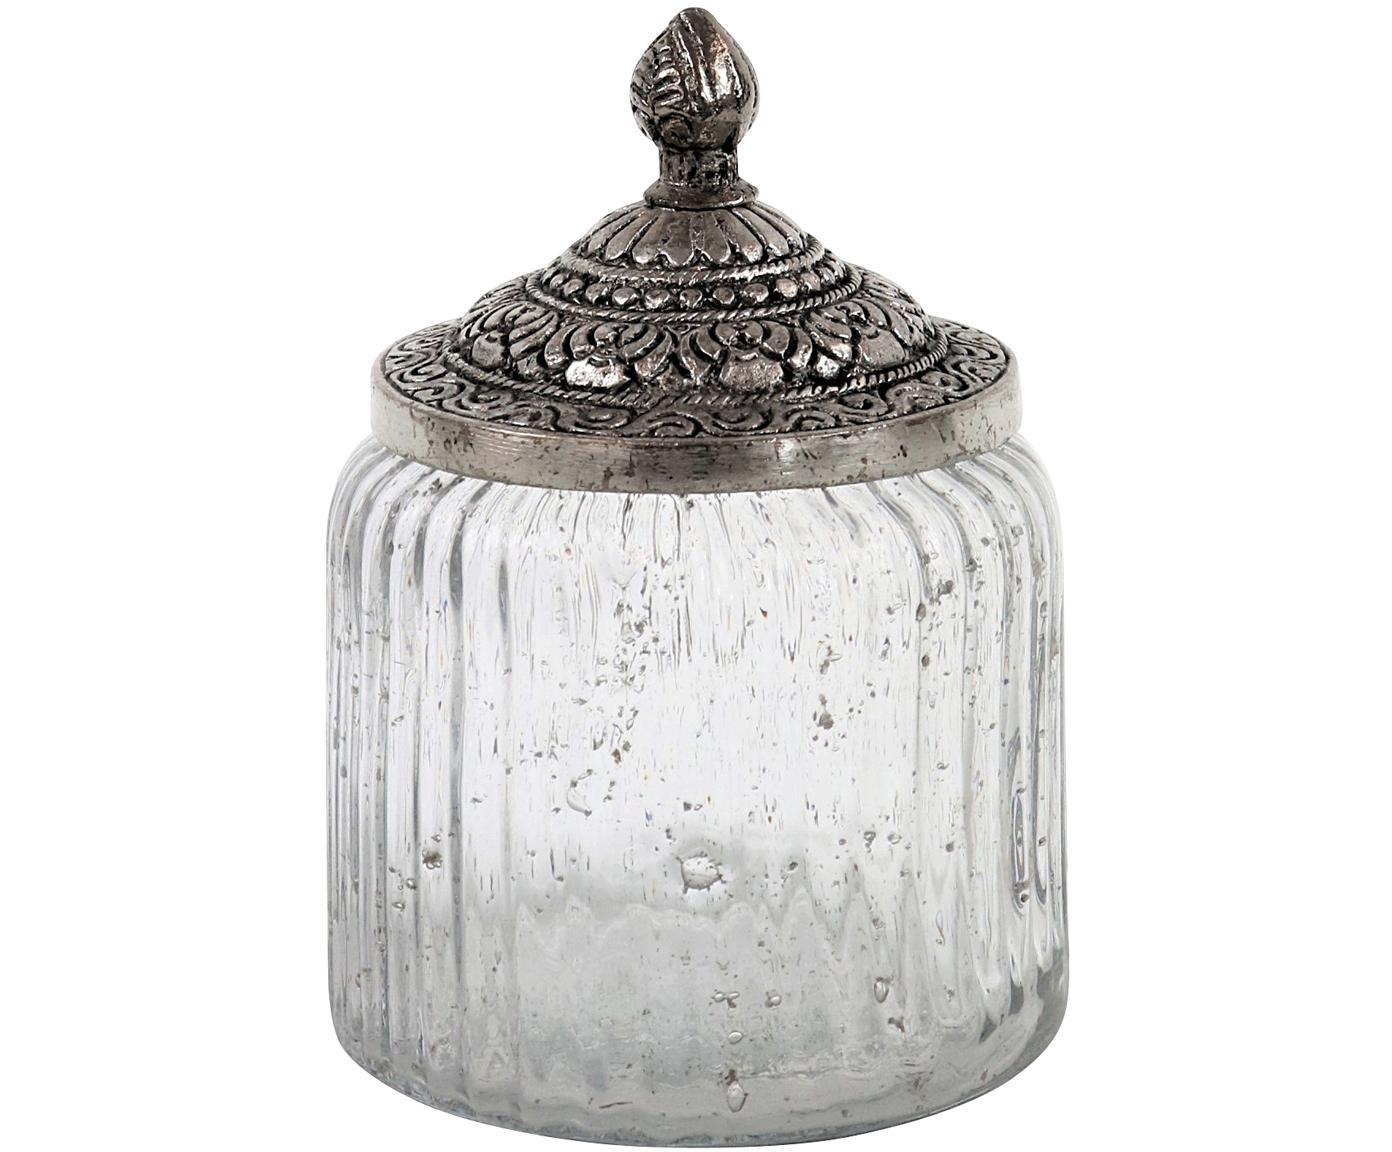 Contenitore Alhambra, Contenitore: vetro, Coperchio: metallo, Trasparente, argentato, Ø 10 x Alt. 15 cm